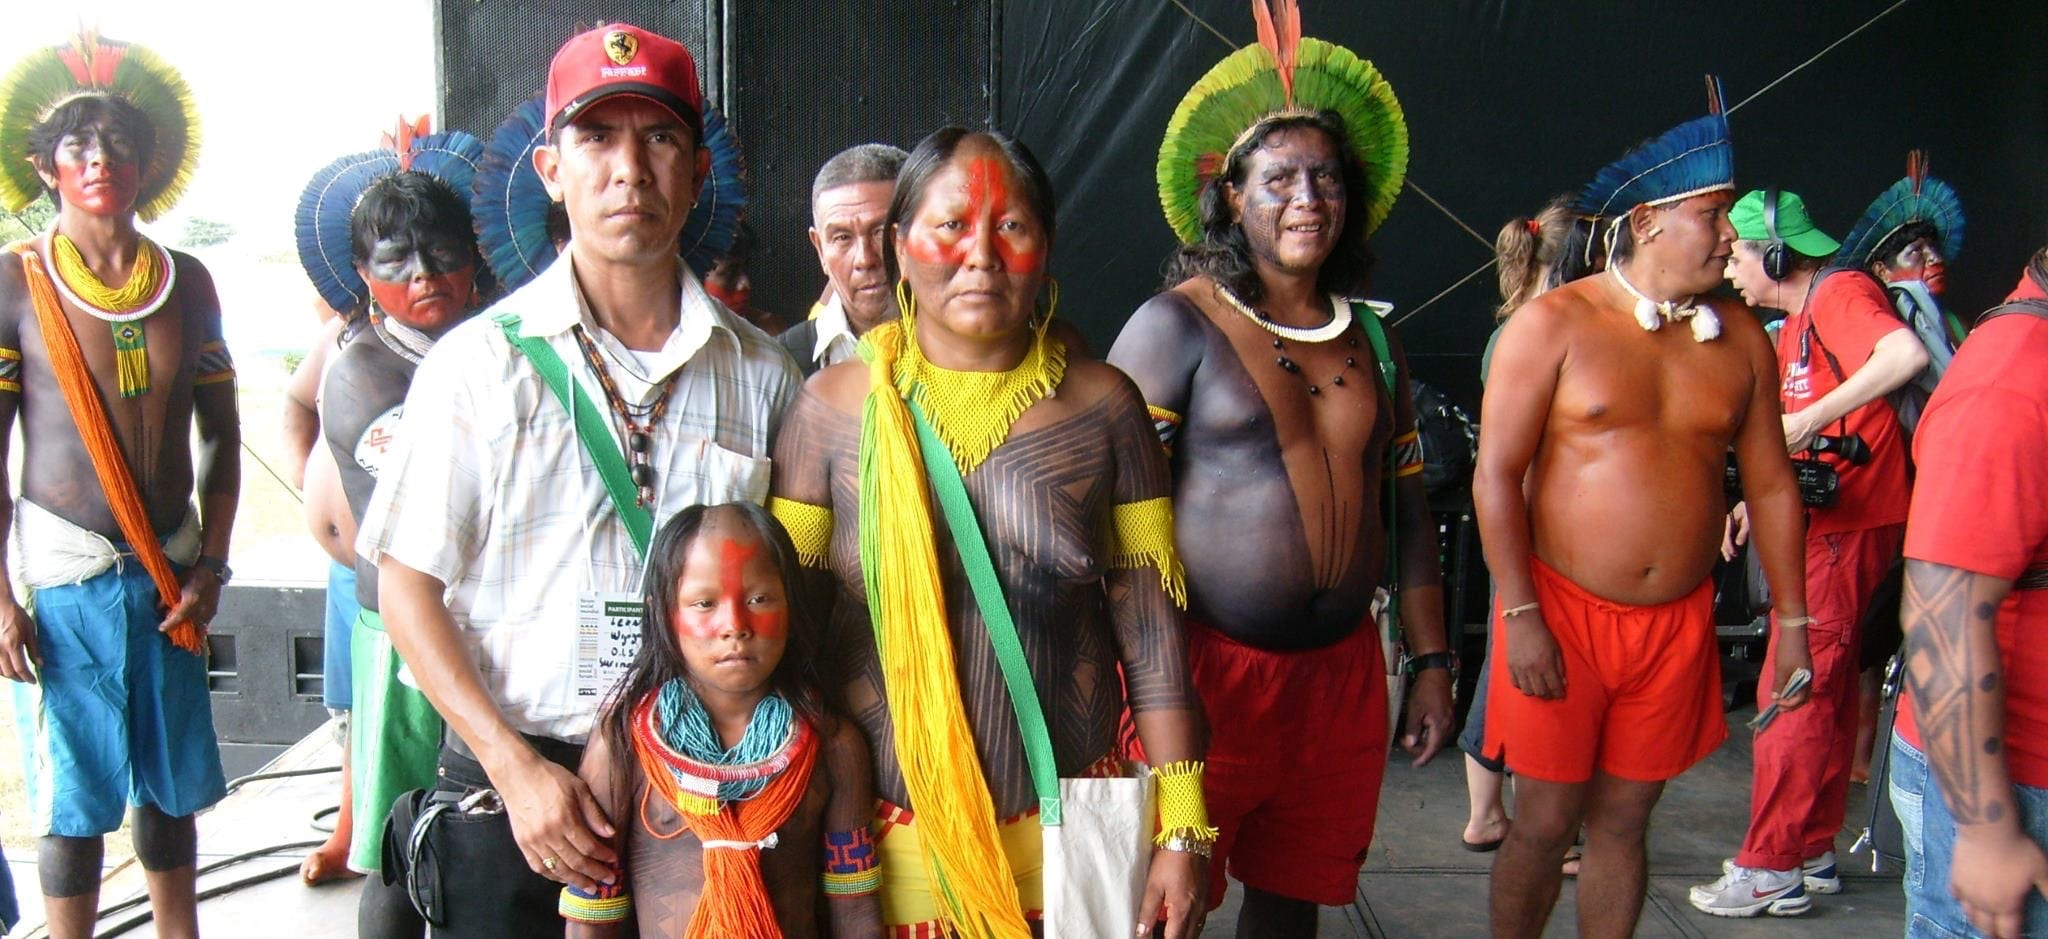 Wasjibon Maria Suriname Brasil